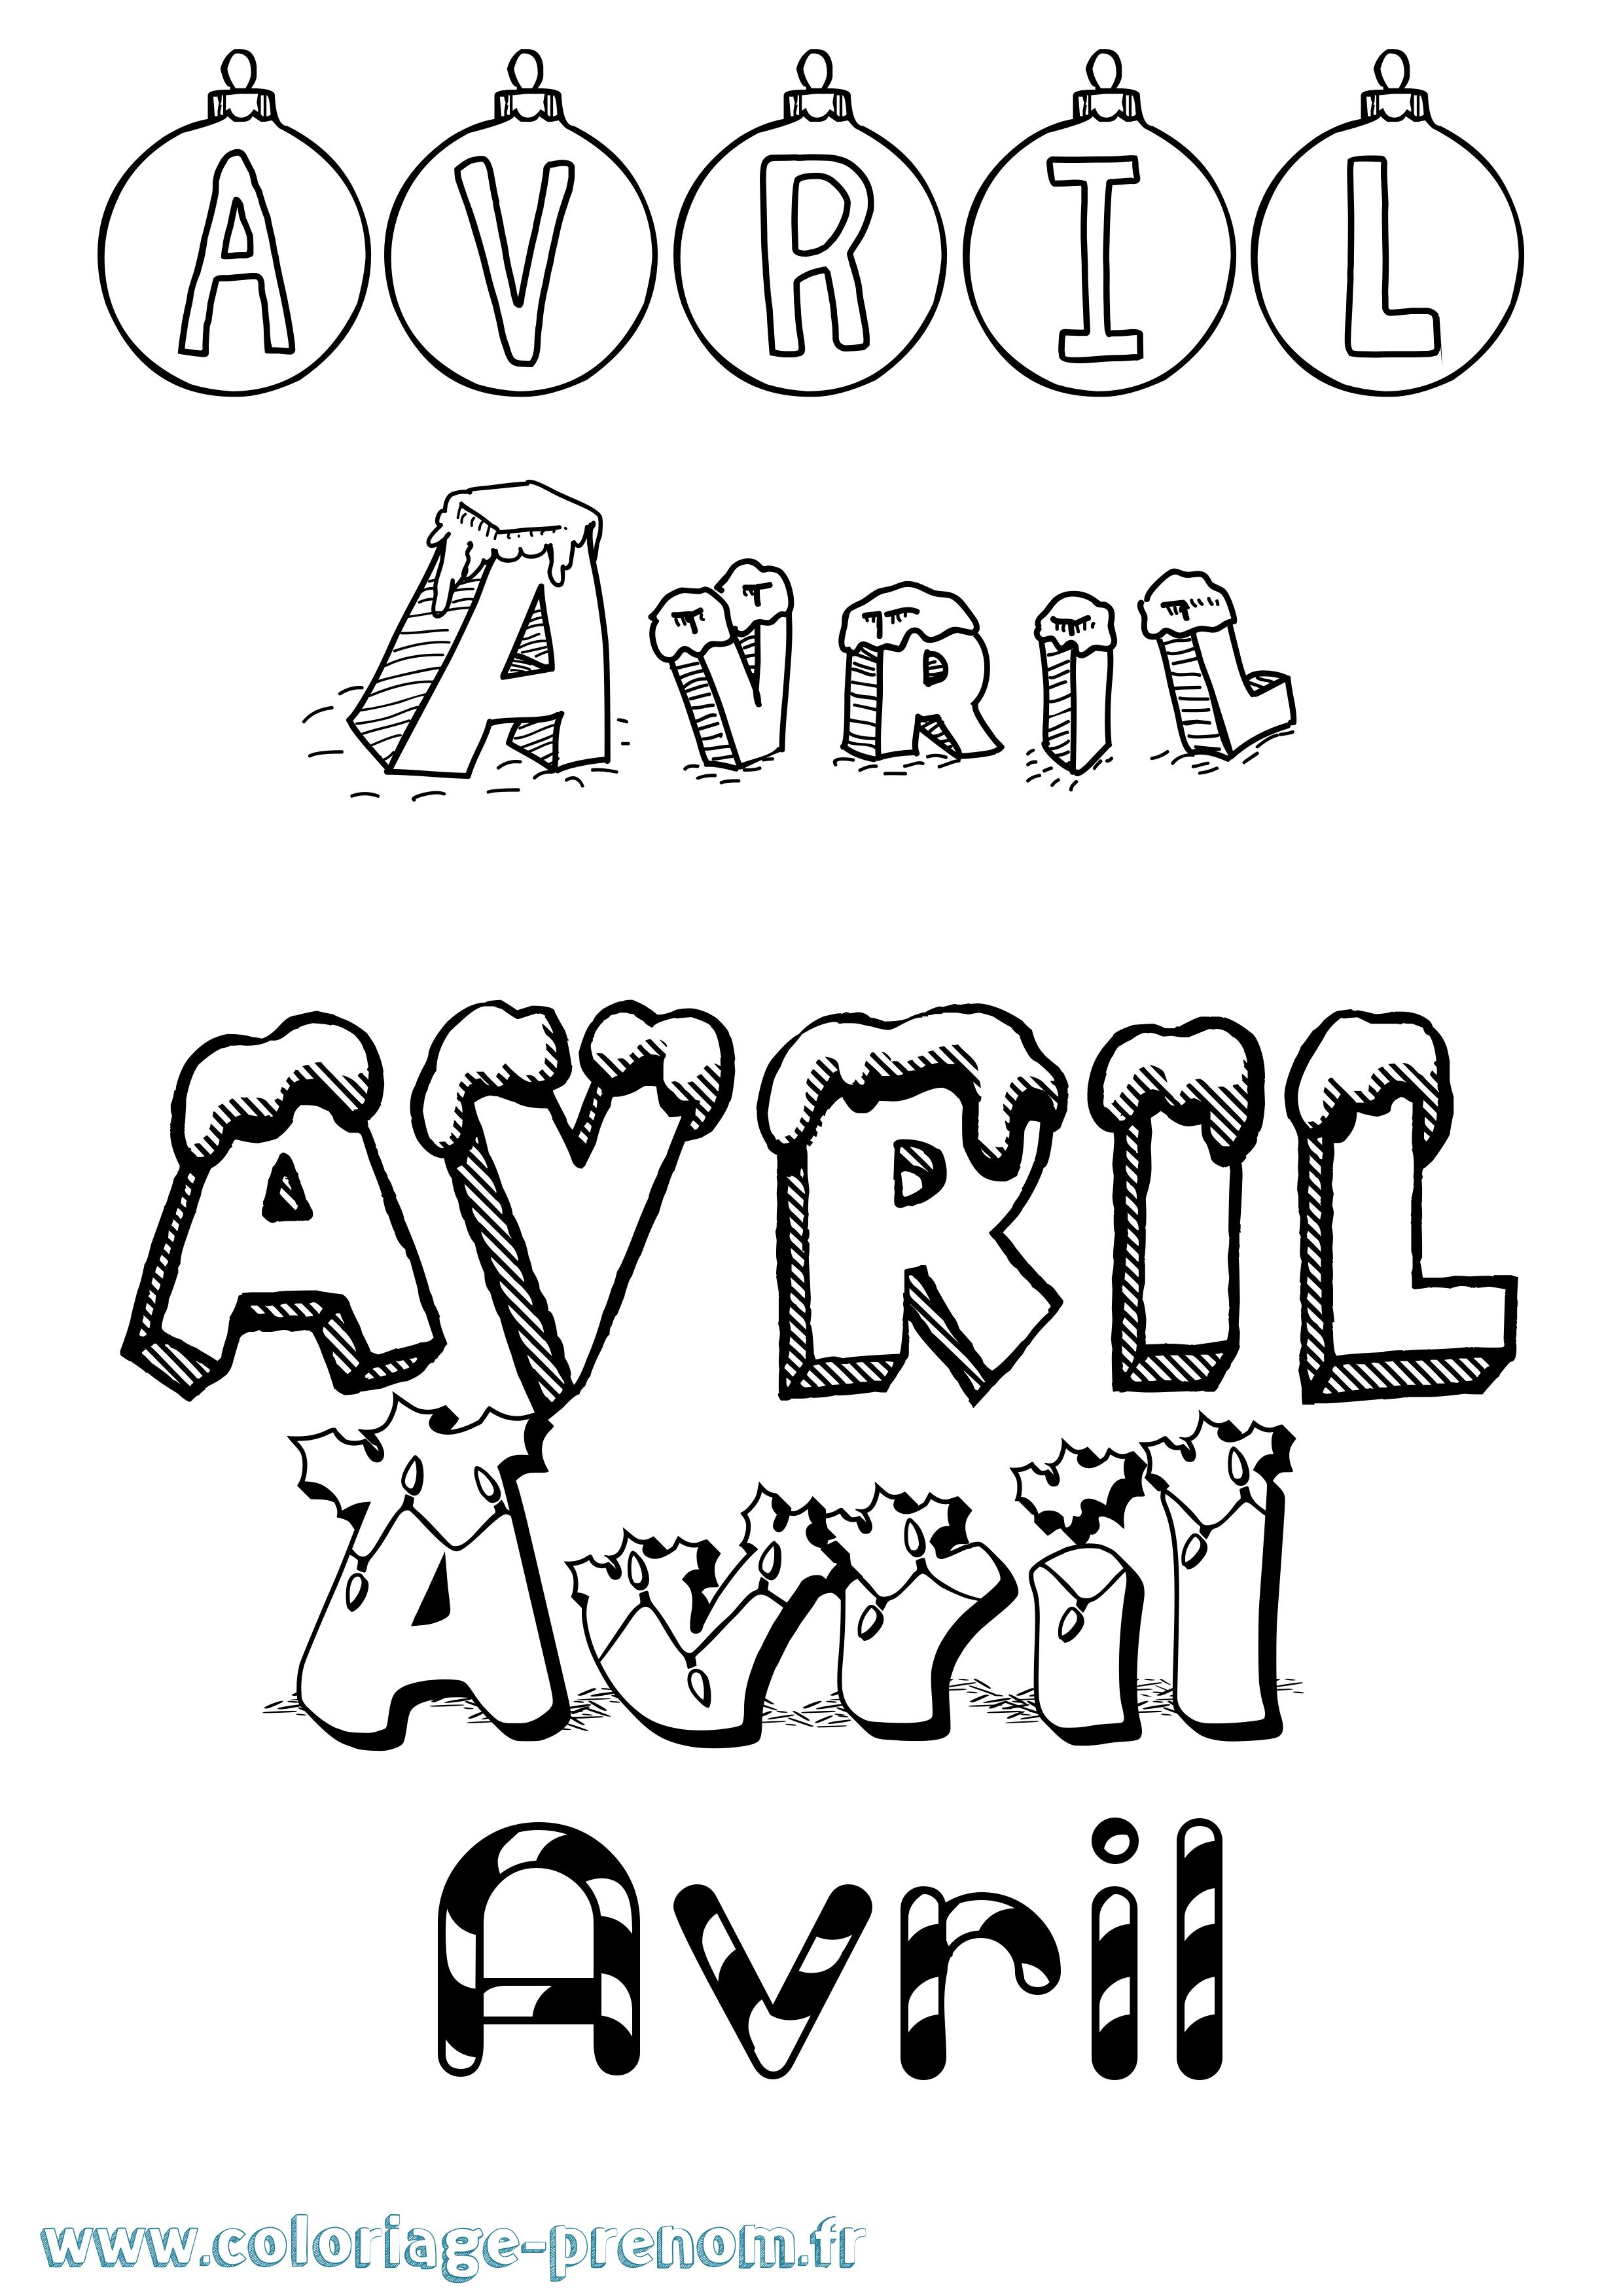 Coloriage Avril A Imprimer.Coloriage Du Prenom Avril A Imprimer Ou Telecharger Facilement